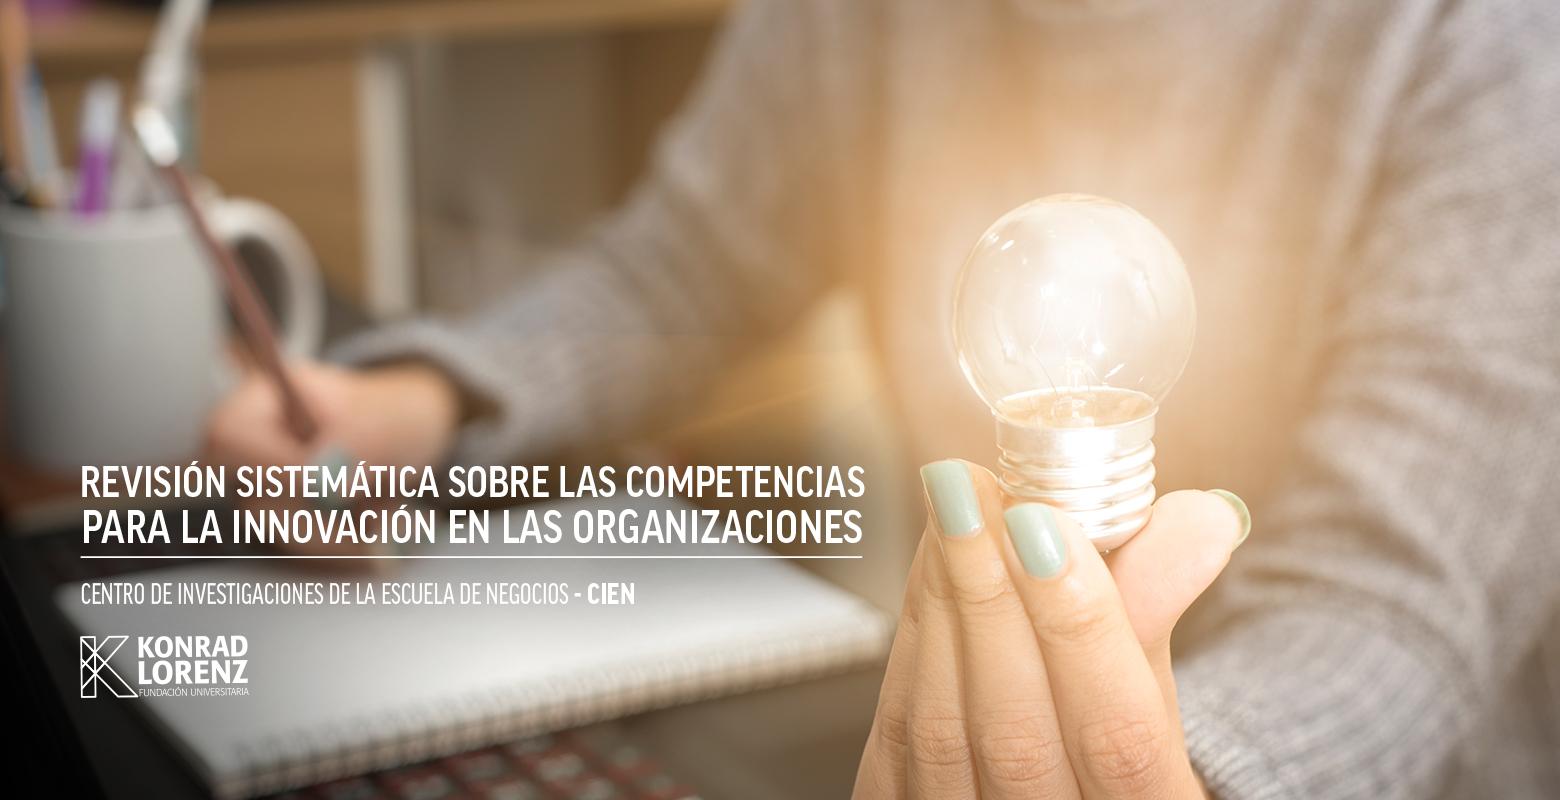 Revisión sistemática sobre las competencias para la innovación en las organizaciones